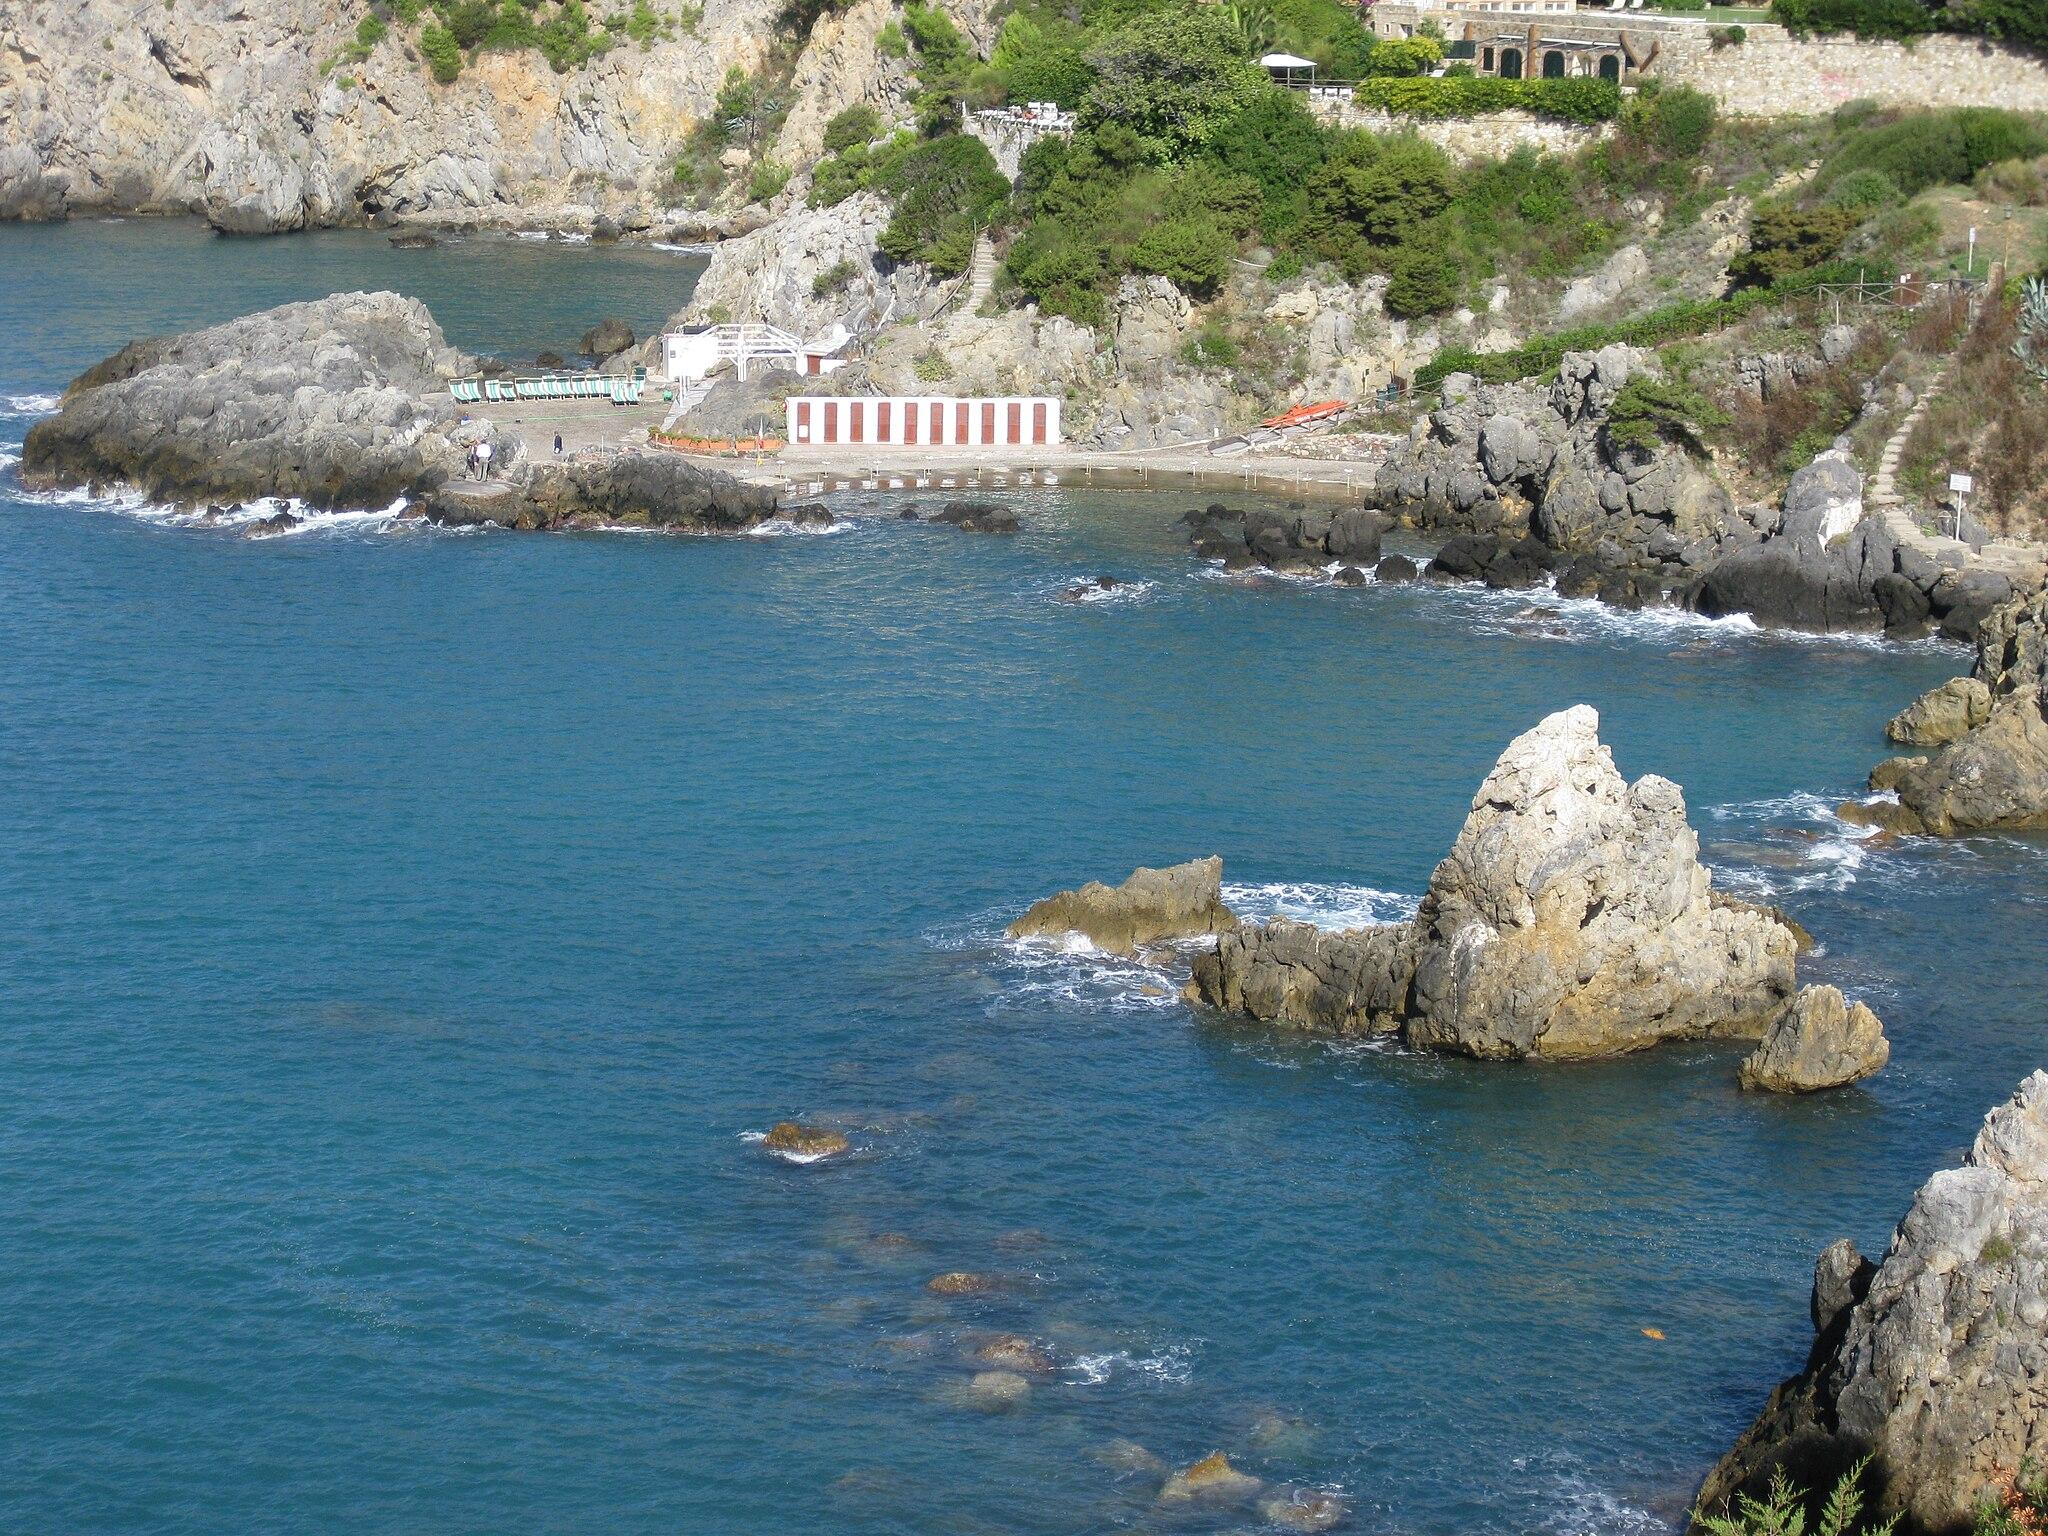 Spiagge pi belle della toscana talamone bagno delle donne - Bagno delle donne talamone ...